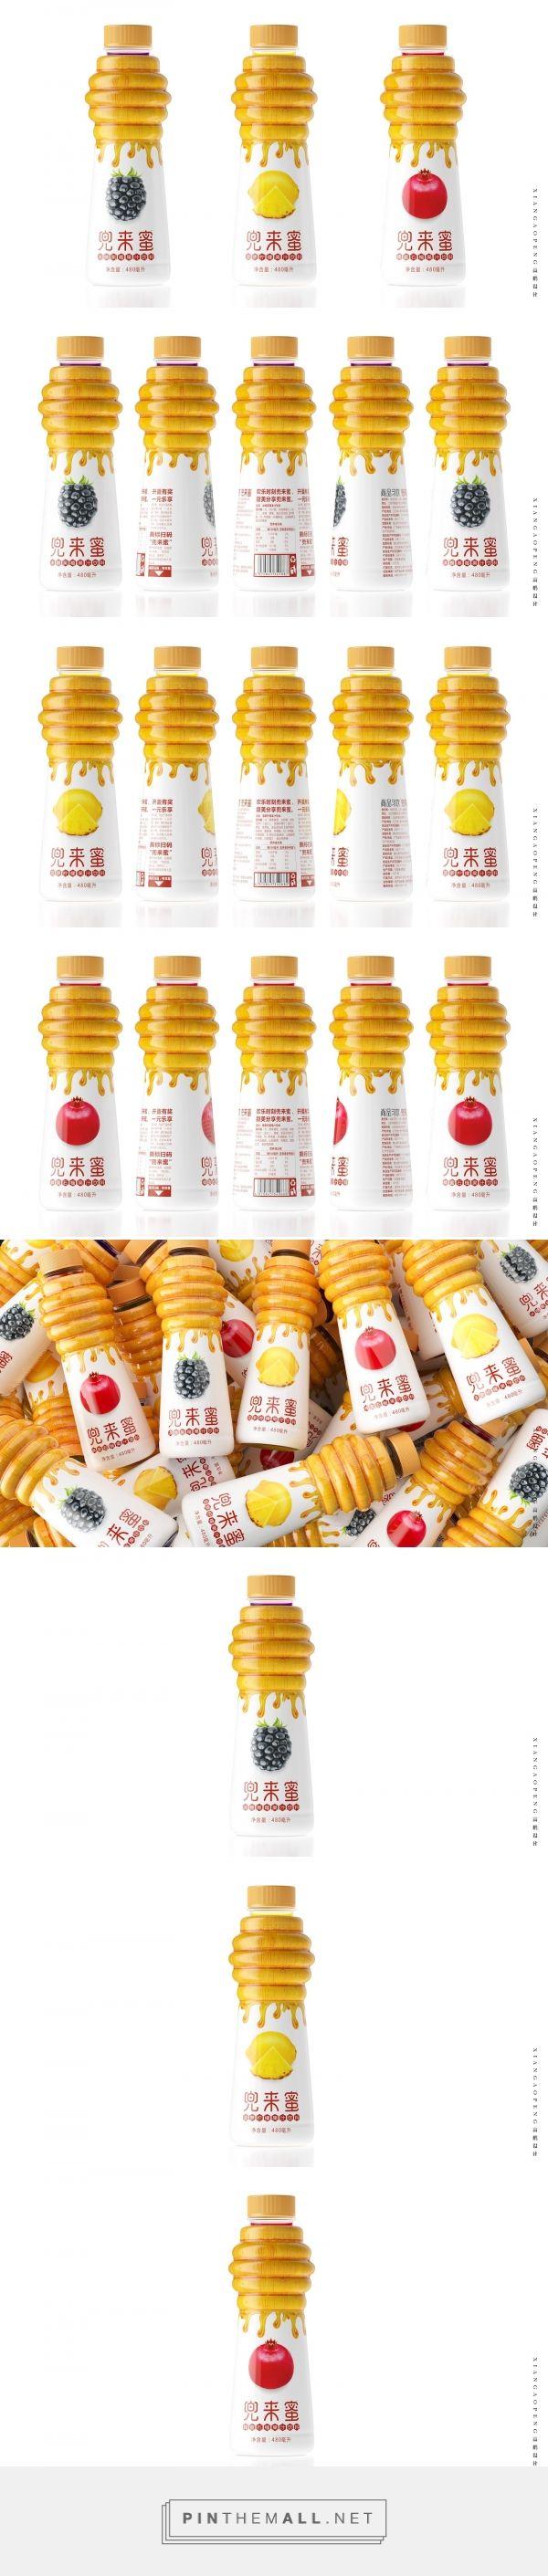 Dou Lai Mi honey drink packaging design by Xian Gao Peng - http://www.packagingoftheworld.com/2018/01/dou-lai-mi.html